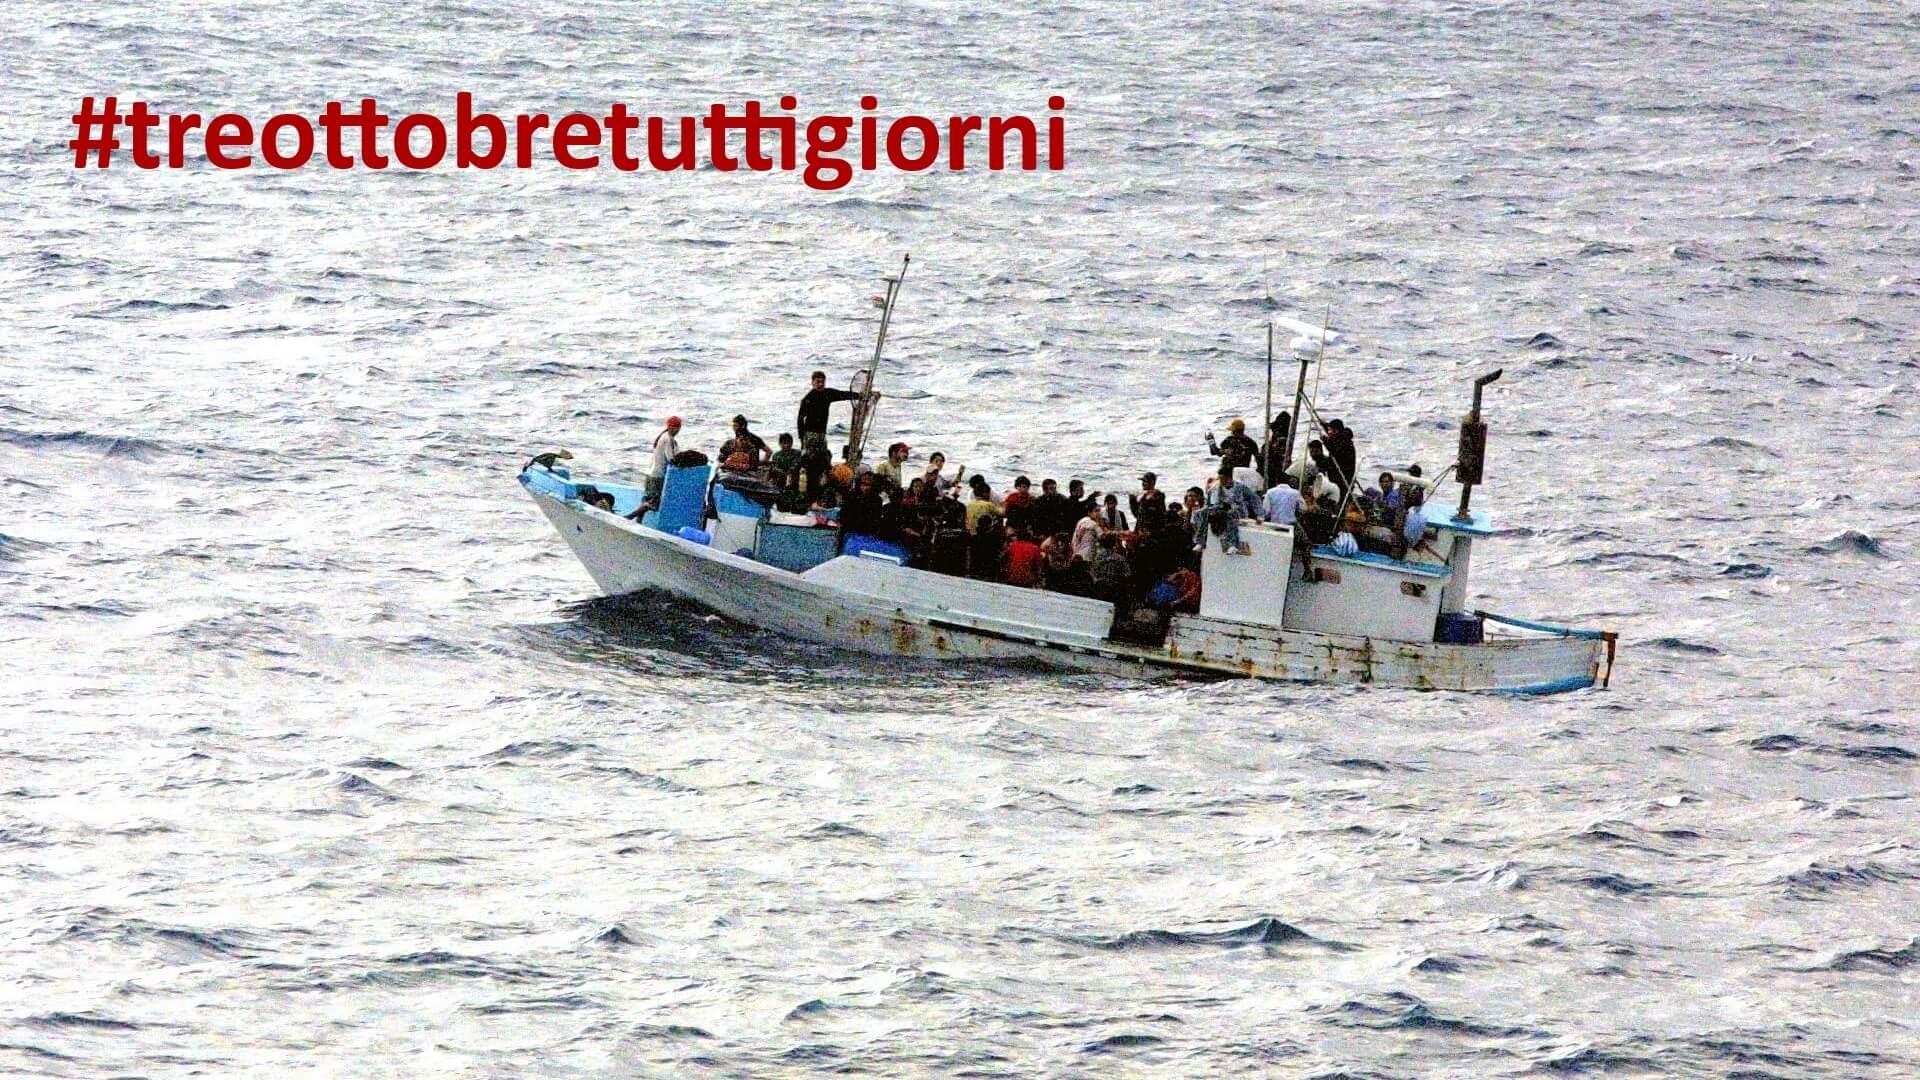 Permalink to: Al servizio dei terminali petroliferi ma anche dei respingimenti collettivi in Libia: dal caso Vos Thalassa al caso Vos Aphrodite